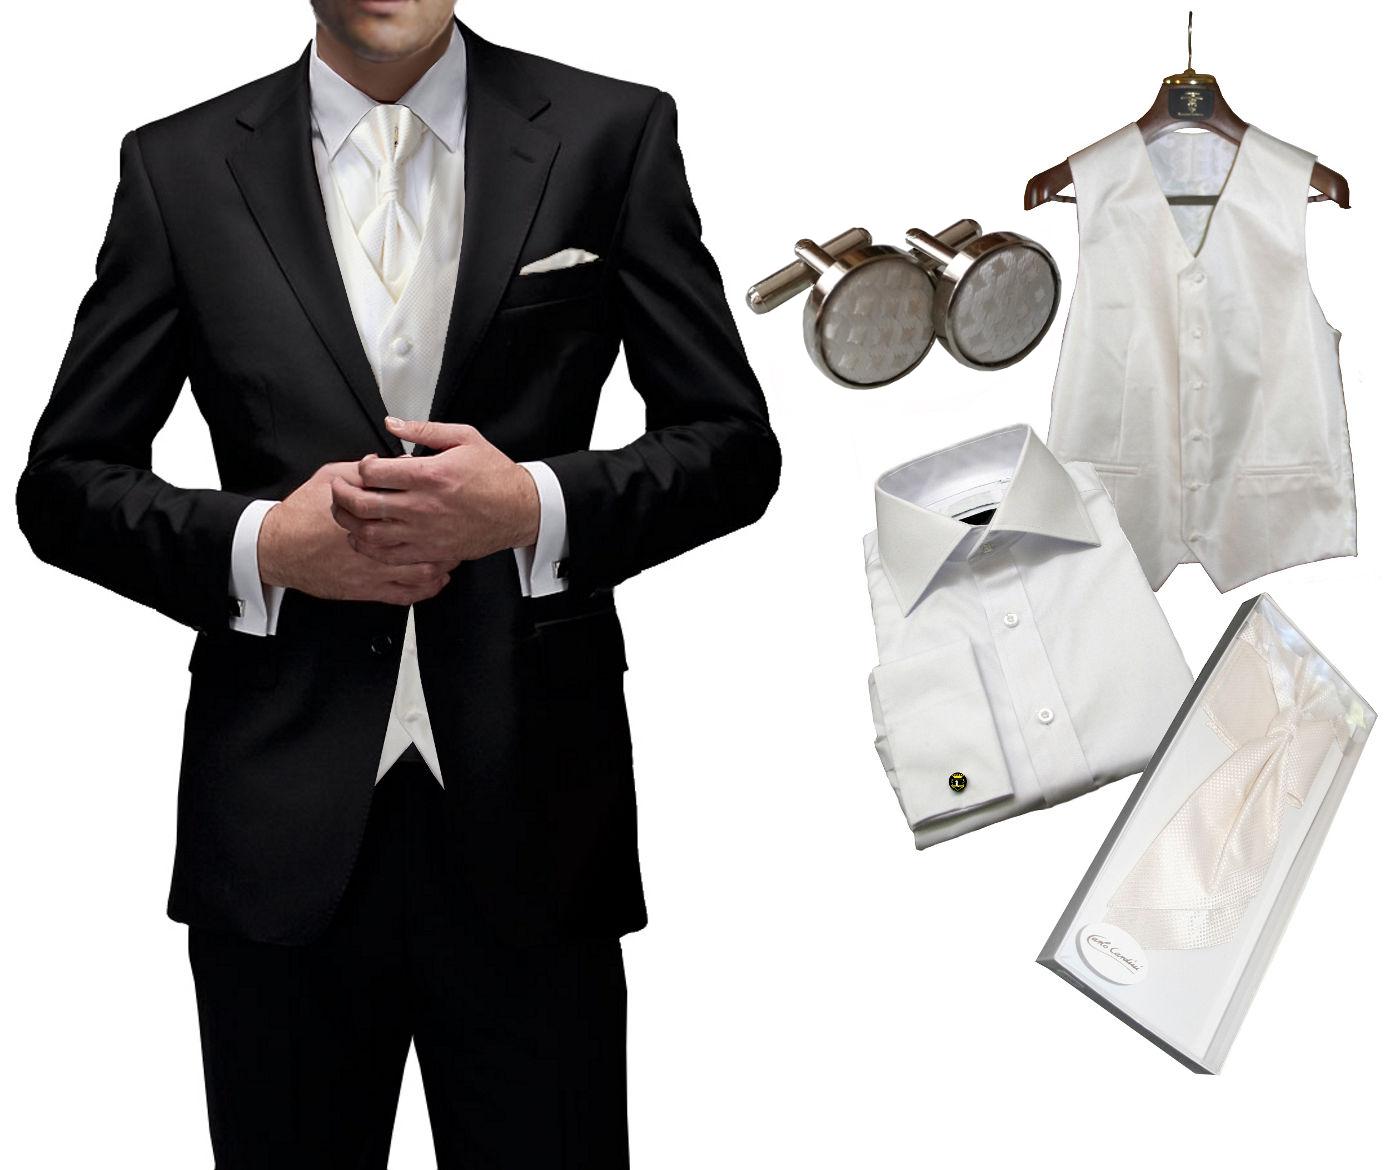 uvp695 8tlg set hochzeitsanzug freiherr von falkenhausen schwarz anzug slim fit ebay. Black Bedroom Furniture Sets. Home Design Ideas